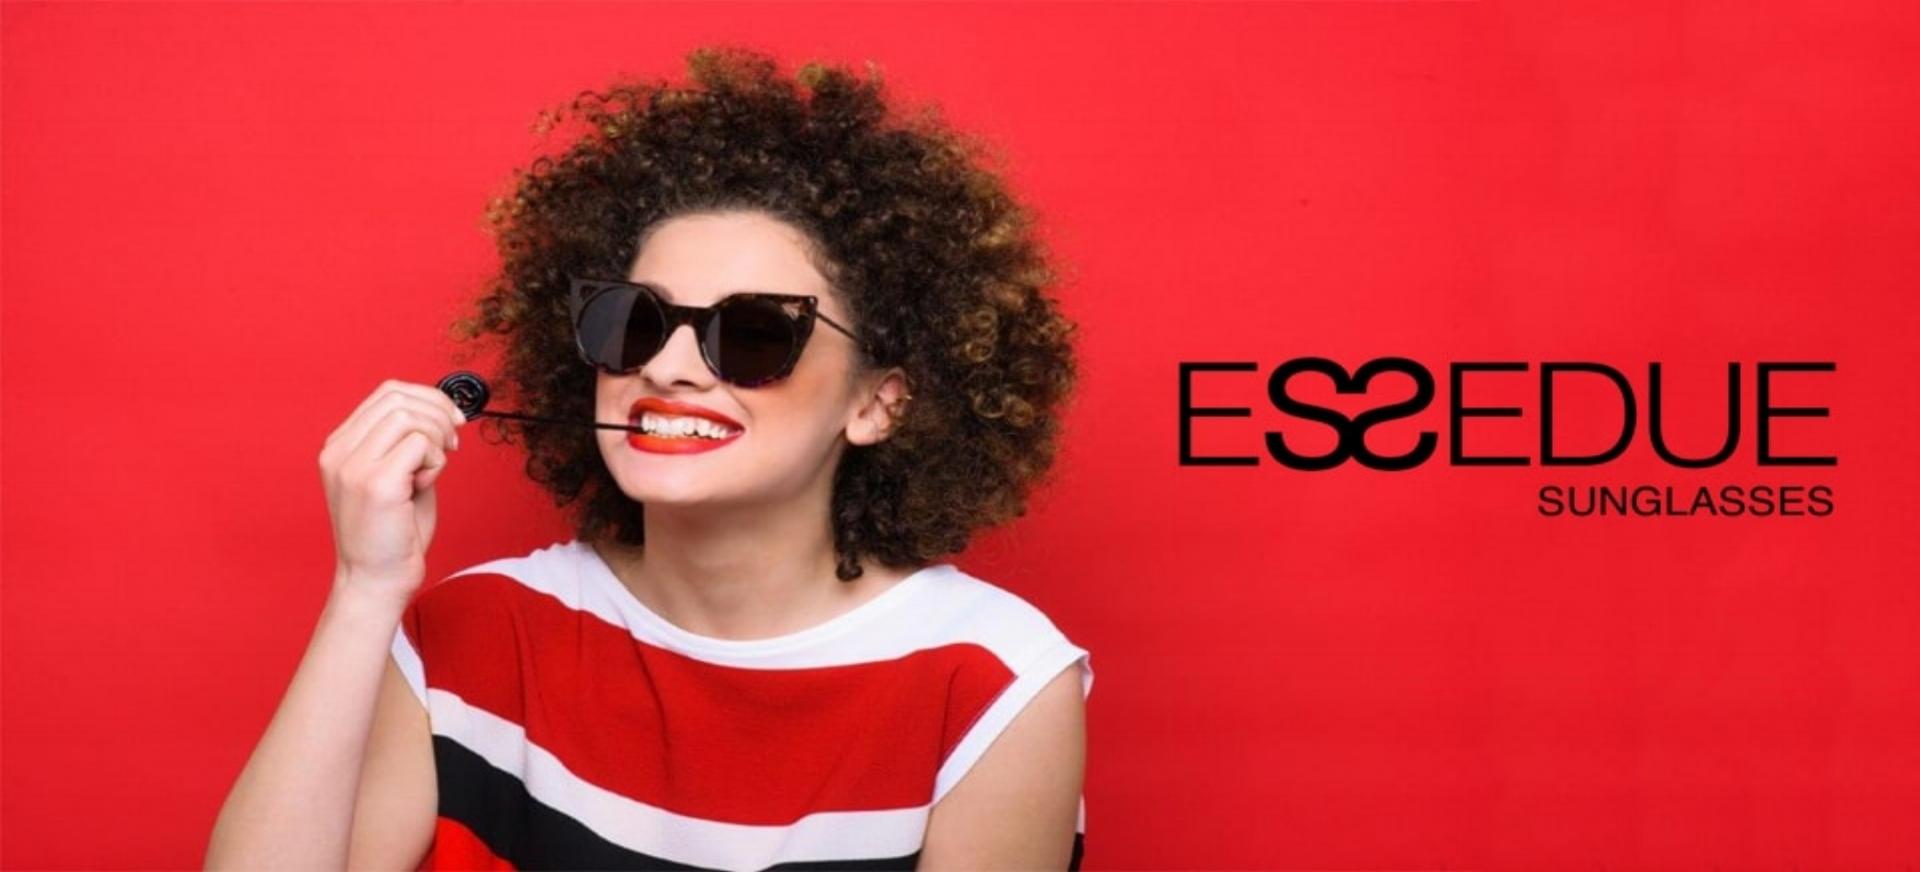 Essedue-Home.jpg